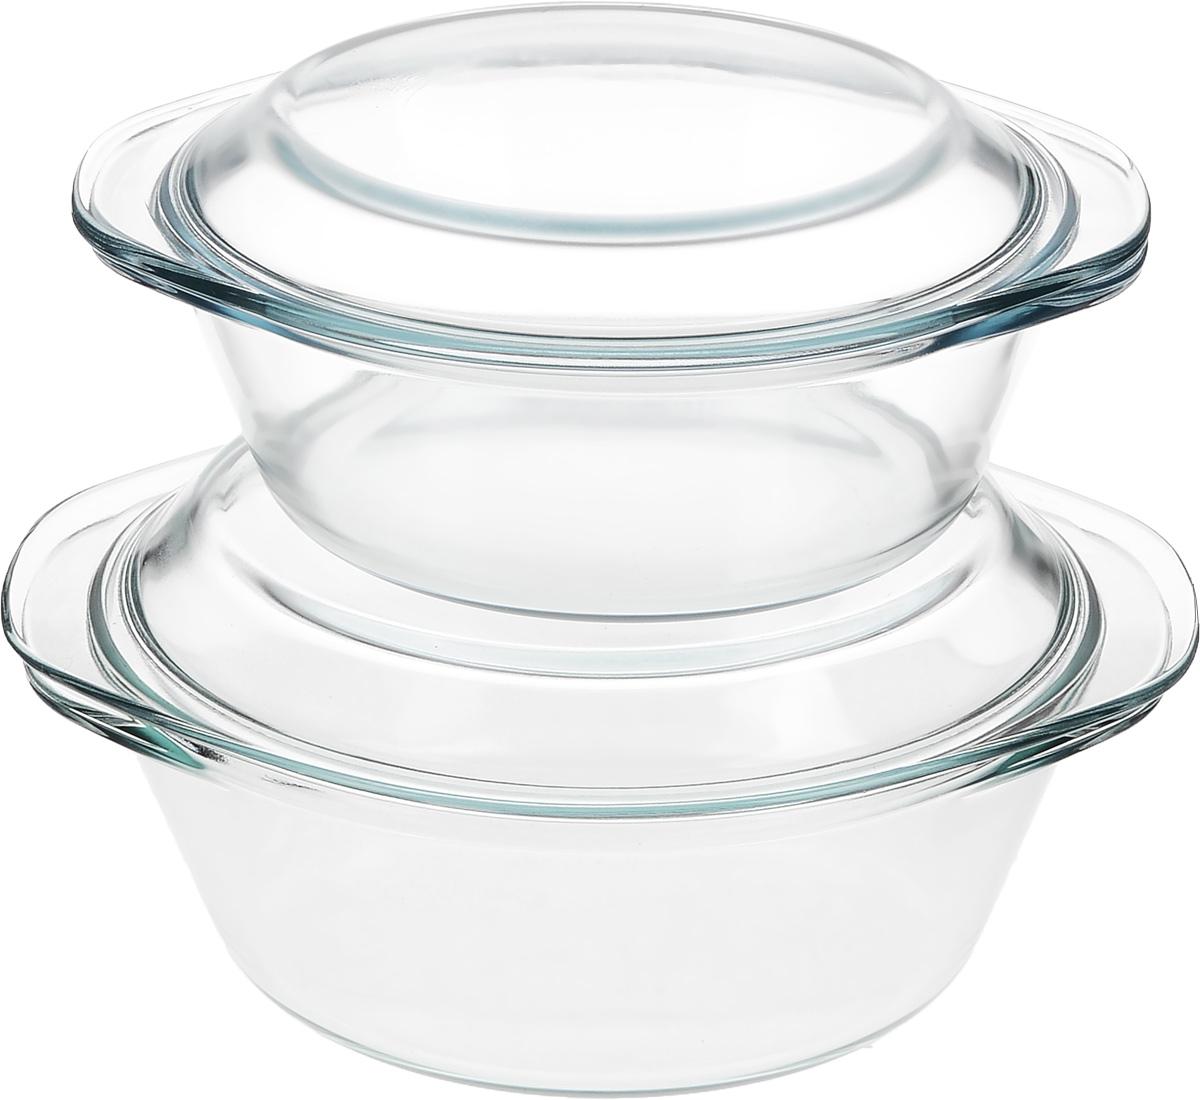 Набор кастрюль Helper Gurman, с крышками, 4 предмета4511Набор Helper Gurman состоит из двух кастрюль с крышками. Кастрюли изготовлены из жаропрочного стекла. Стеклянная огнеупорная посуда идеальна для приготовления блюд в духовке, микроволновой печи, а также для хранения продуктов в холодильнике и морозильной камере. Безопасна с точки зрения экологии. Не вступает в реакции с готовящейся пищей, не боится кислот и солей. Не ржавеет, в ней не появляется накипь. Не впитывает запахи и жир. Благодаря прозрачности стекла, за едой можно наблюдать при ее готовке. Изделия оснащены небольшими ручками. Можно мыть в посудомоечной машине. Объем кастрюль: 1,2 л, 1,8 л. Диаметр кастрюль: 18,5 см, 21 см. Высота стенки кастрюль: 6,5 см, 8 см.